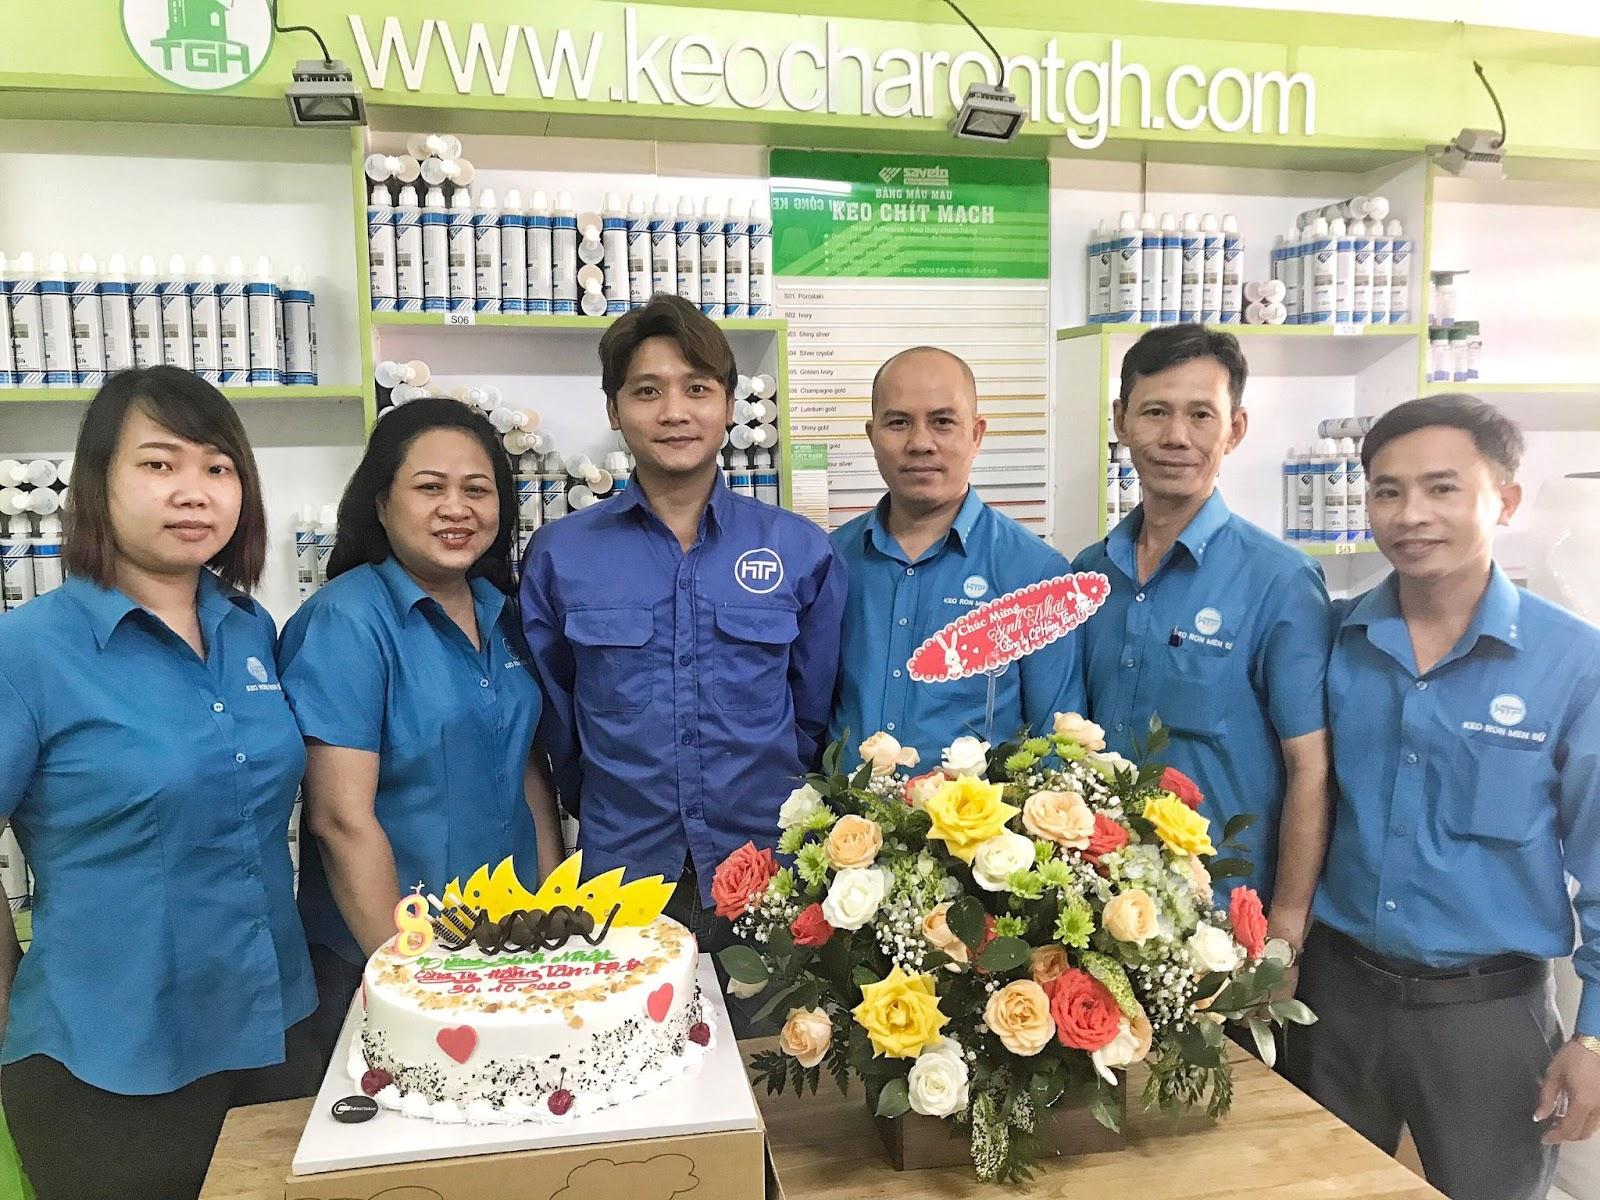 Trần Văn Hưng và đội ngũ Xây Dựng Trần Gia Hưng